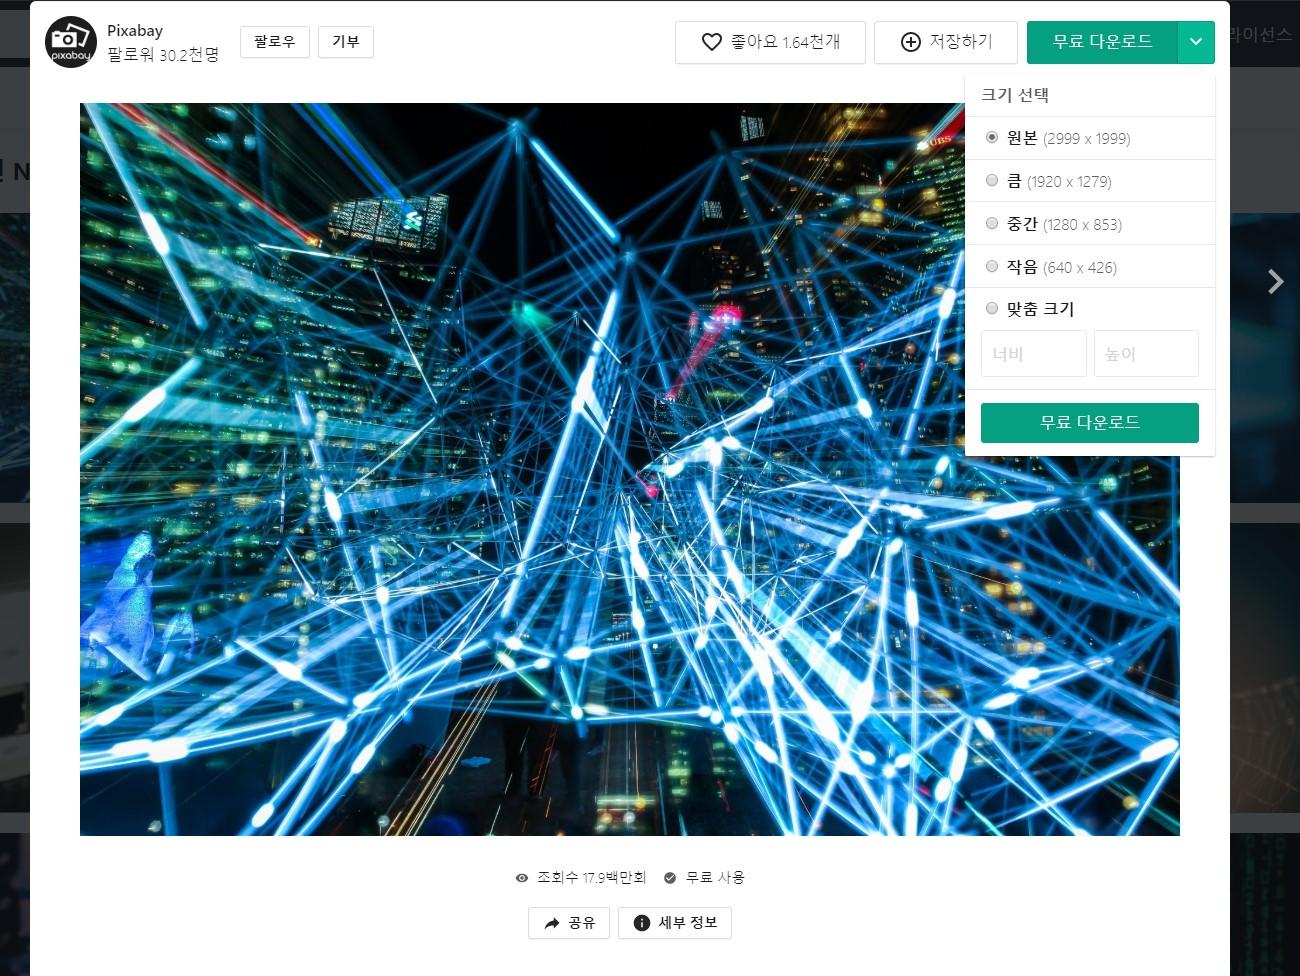 Pexels 사이트